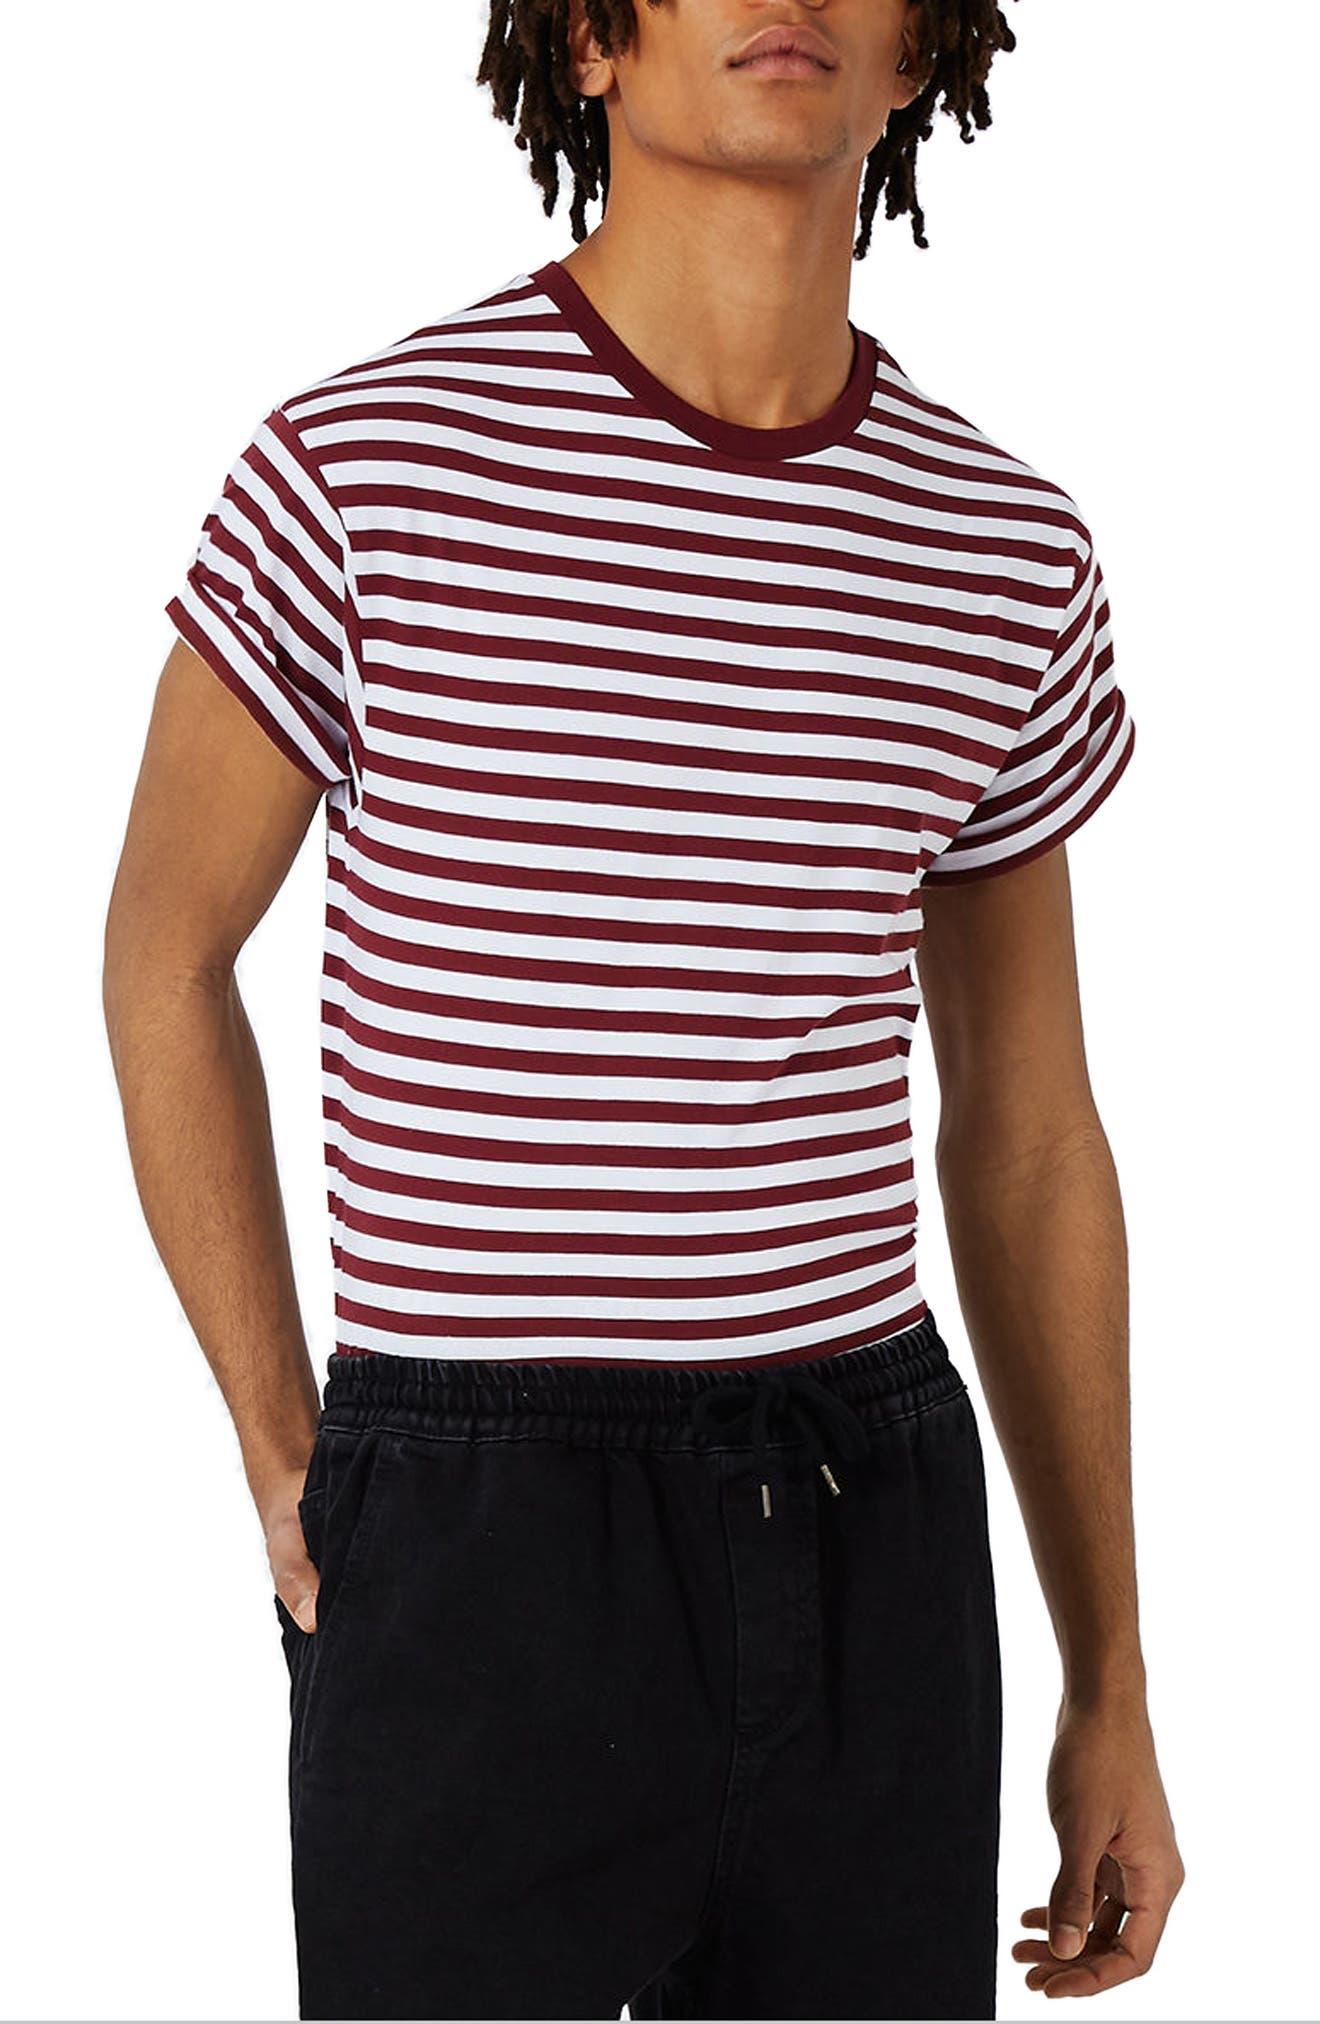 Topman Stripe Muscle Roller T-Shirt